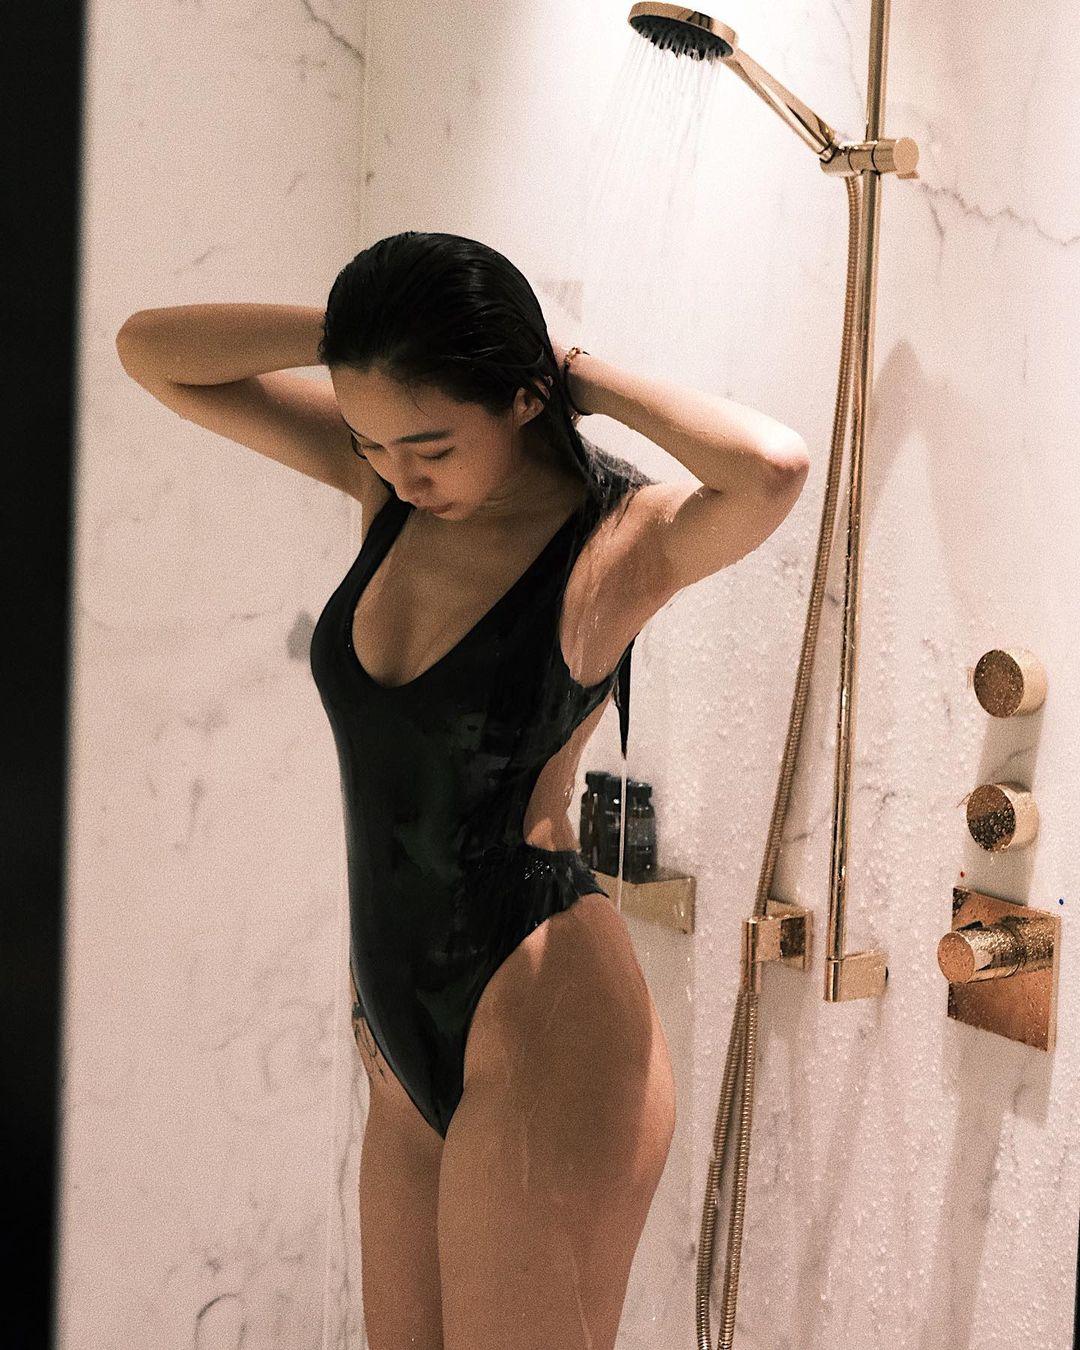 DJラク・イー「美尻が水を弾いて…」ハイレグ姿でのシャワーシーンを解禁【画像5枚】の画像003